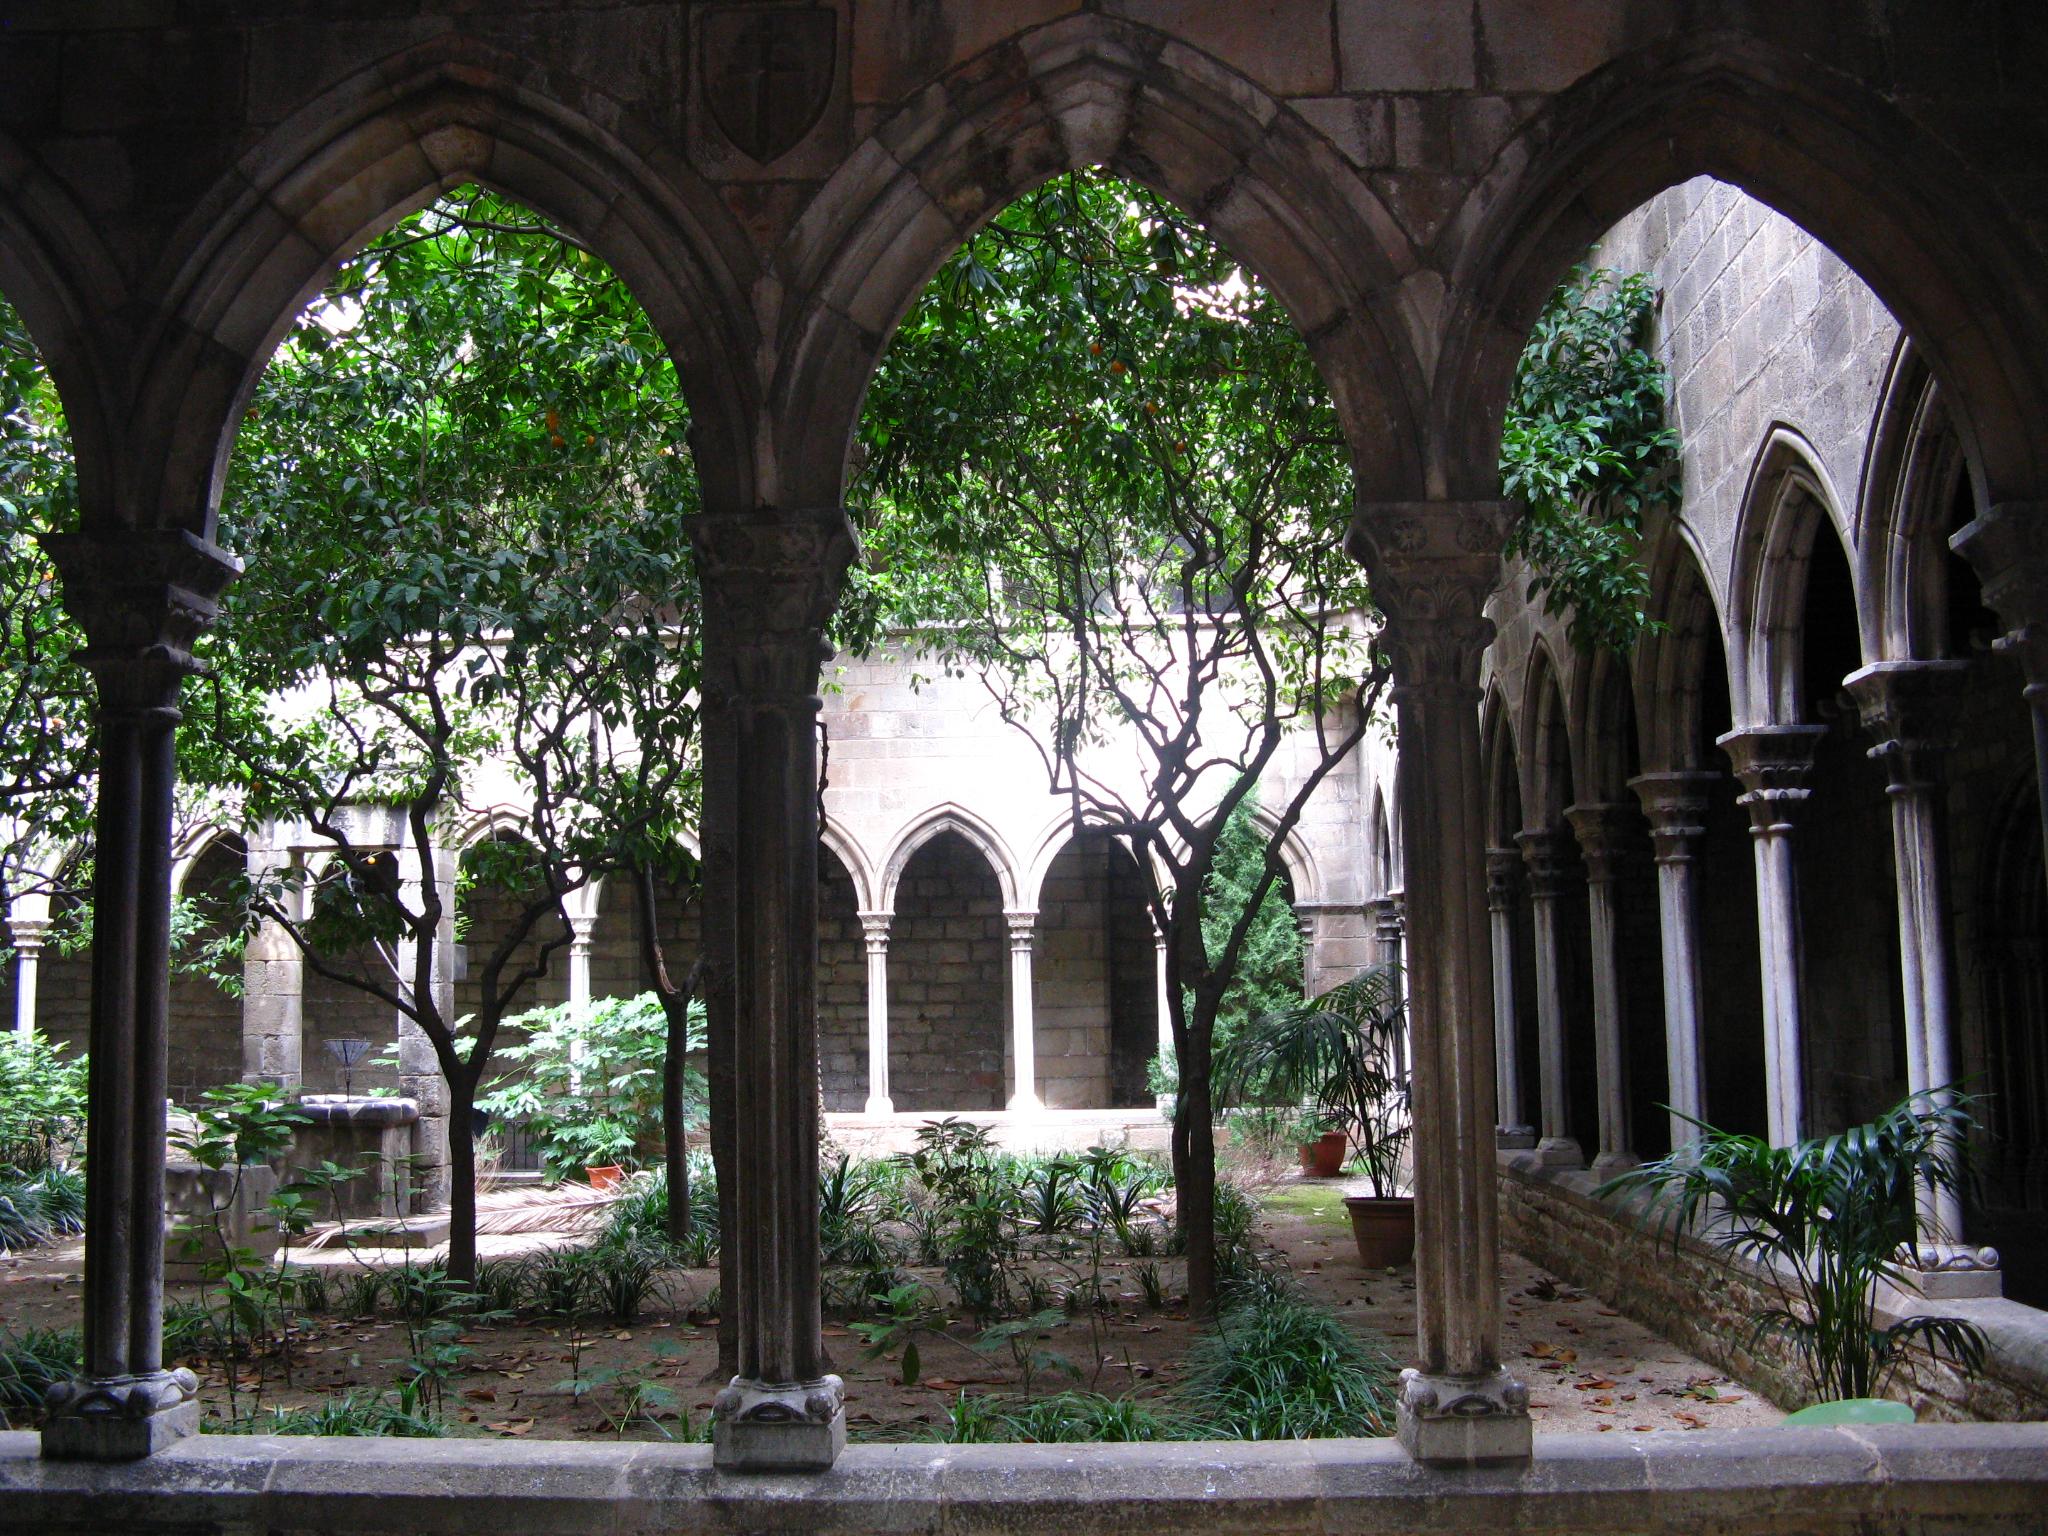 iglesia de santa anna: